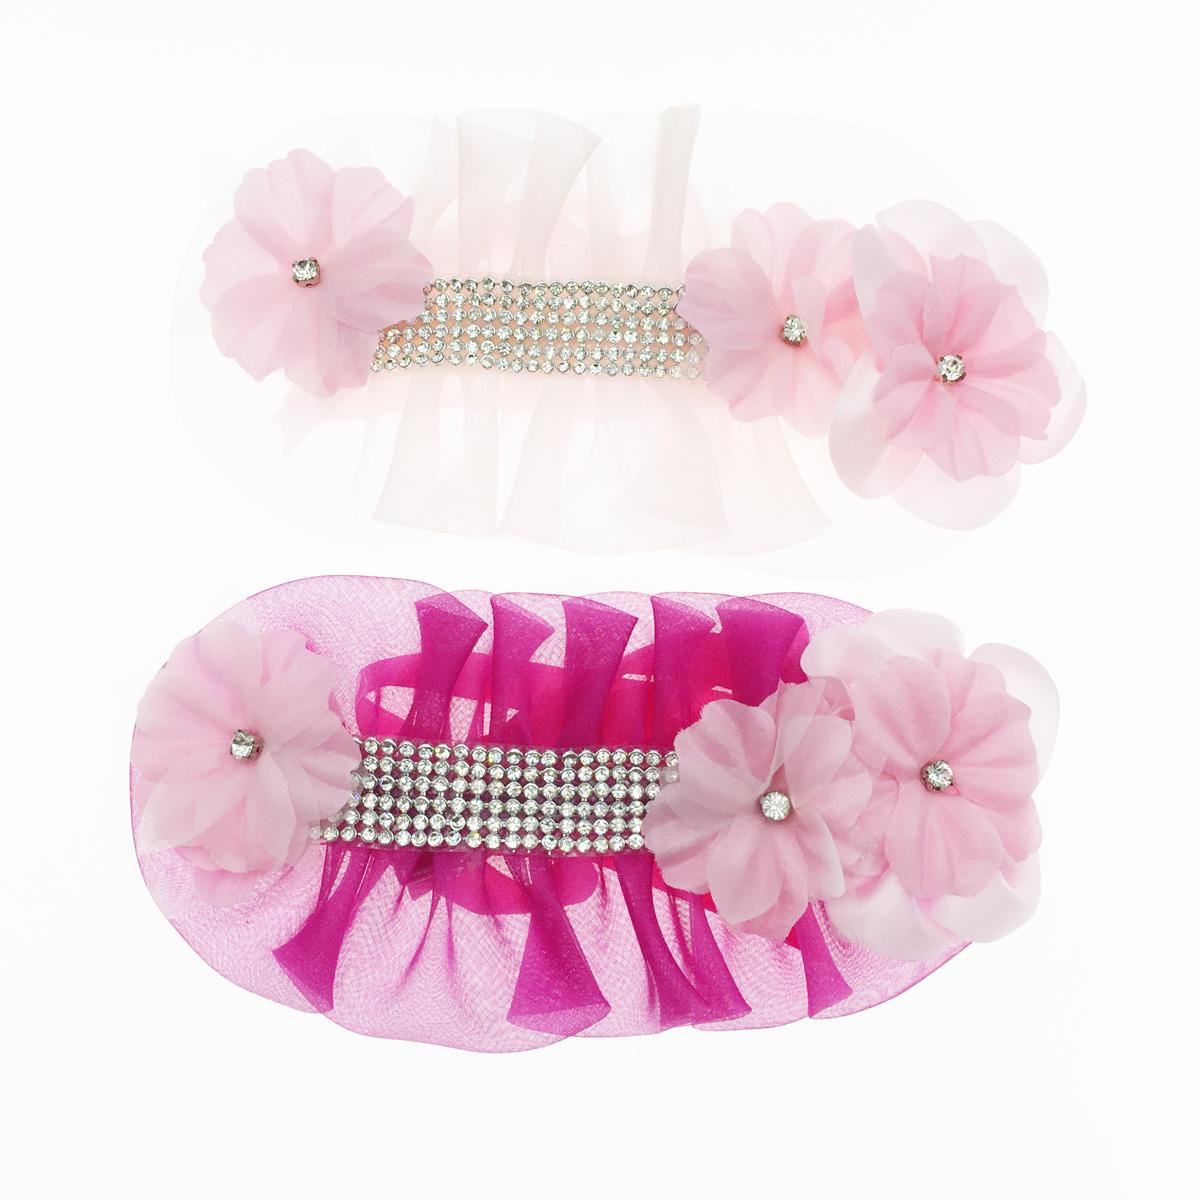 蕾絲 花 水鑽 粉色 桃紅色 2色 髮飾 採用施華洛世奇水晶元素 Crystals from Swarovski